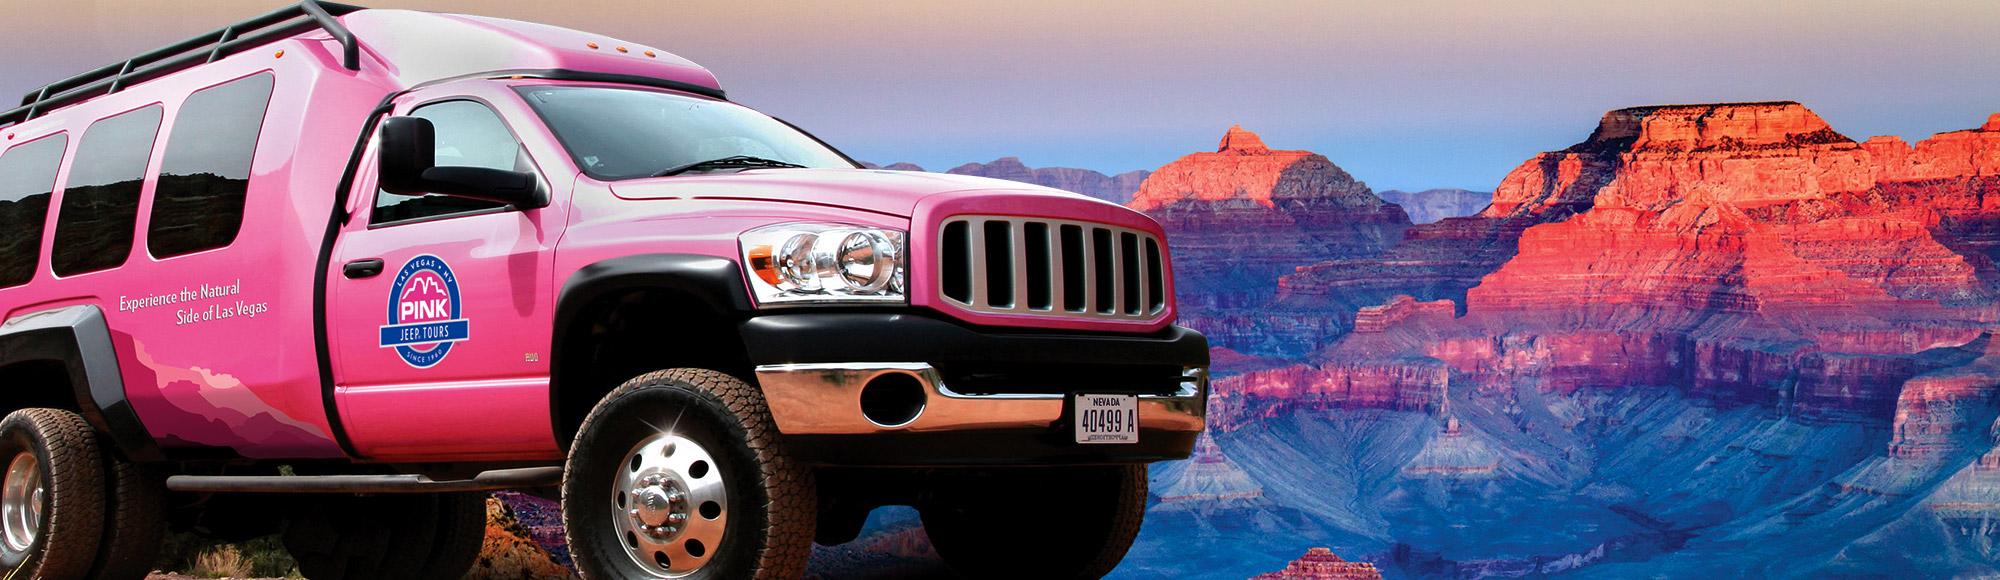 Grand Canyon South Rim tour